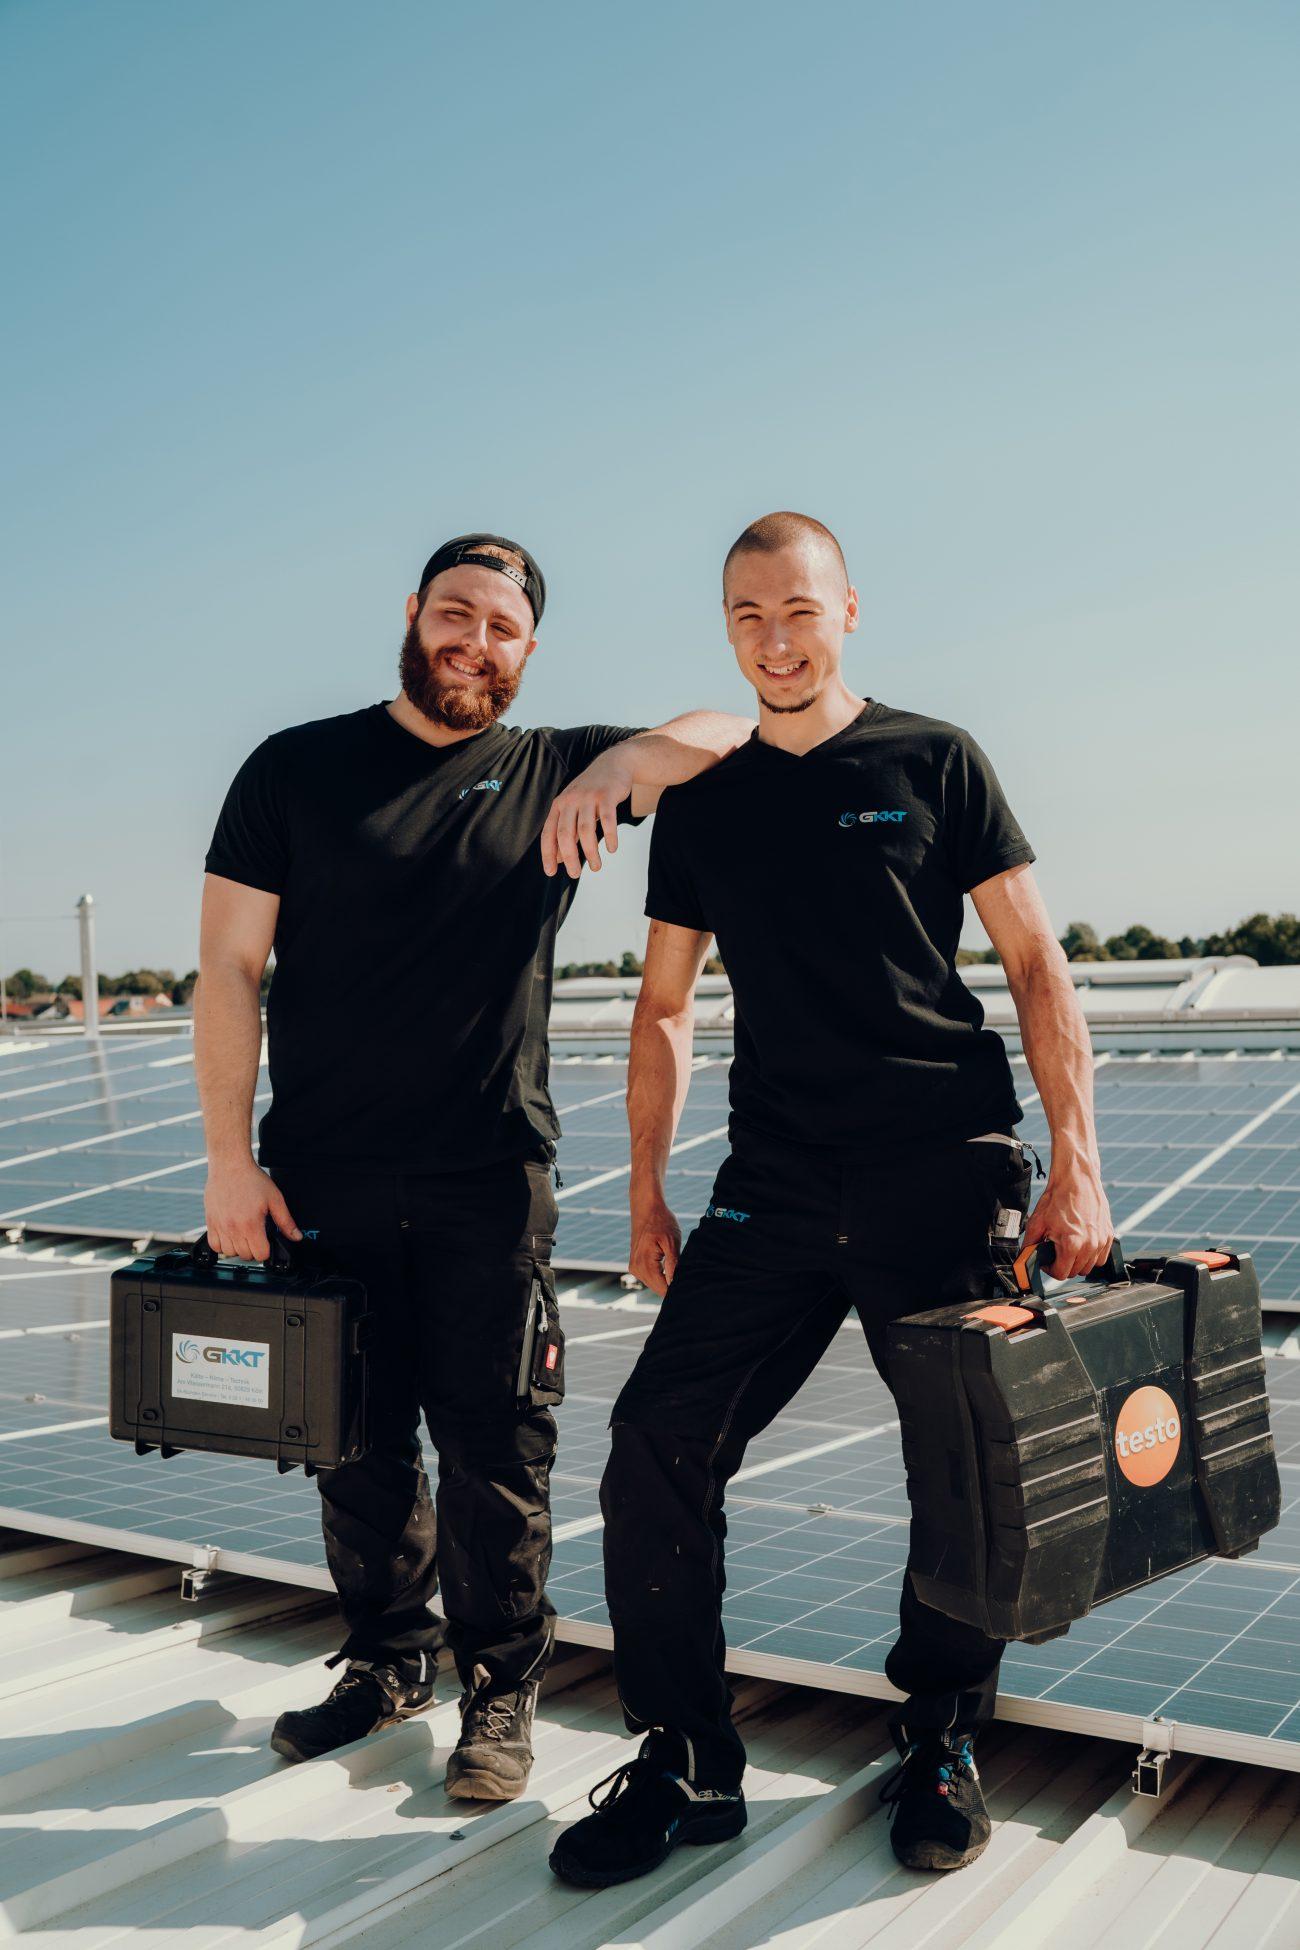 Zwei Kälteanlagenbauer auf der Suche nach neuen Kollegen in Köln